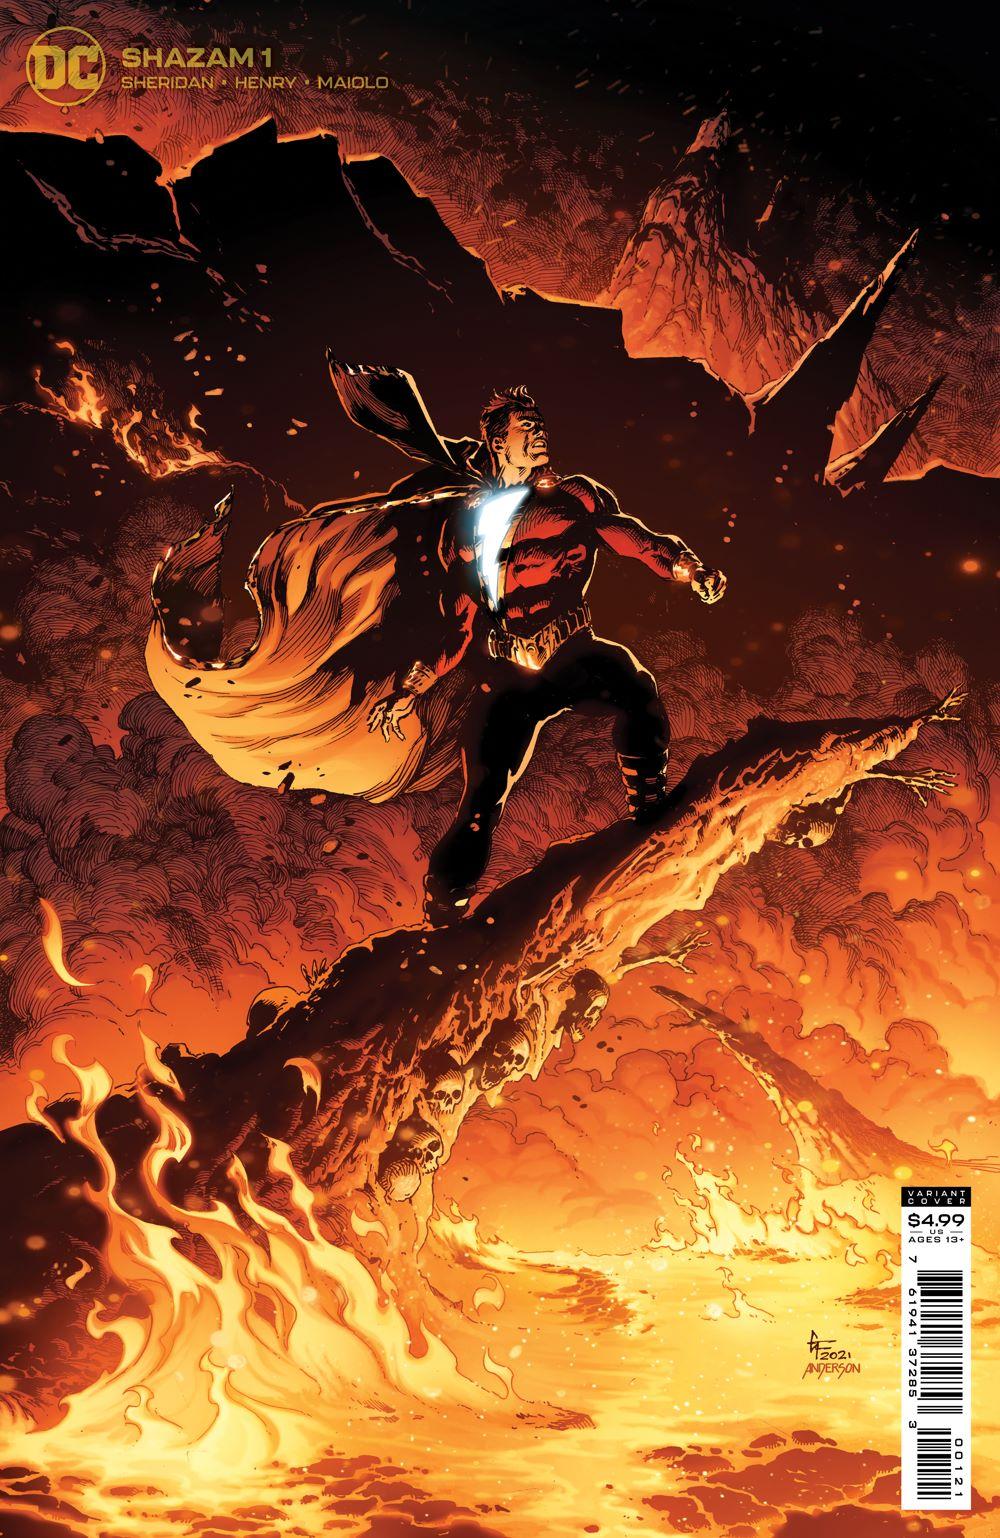 SHAZAM_Cv1_var DC Comics July 2021 Solicitations